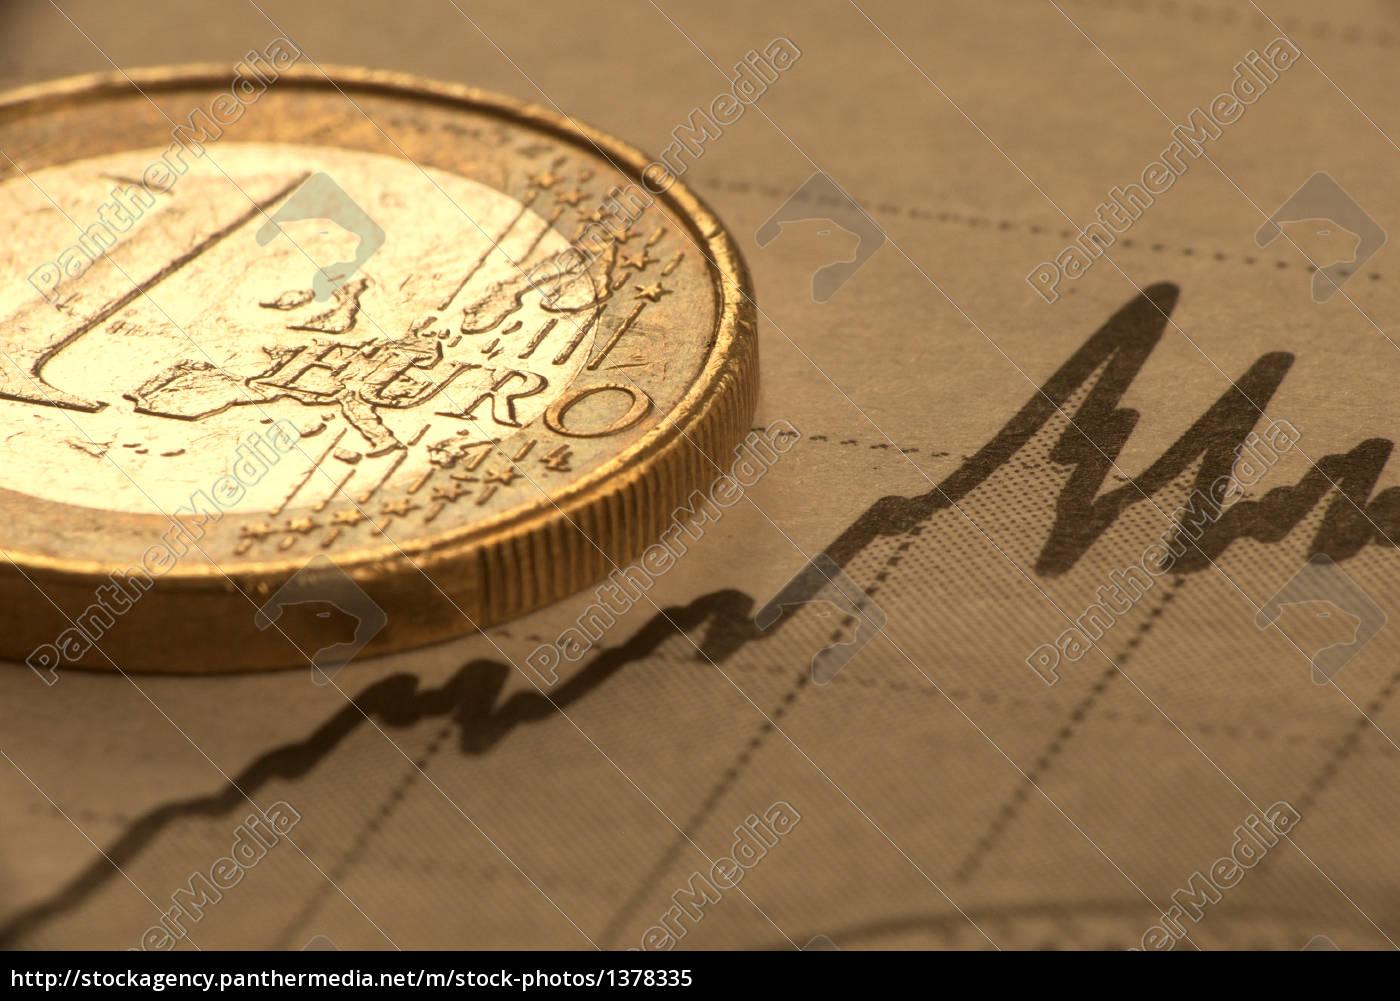 euro, coin - 1378335